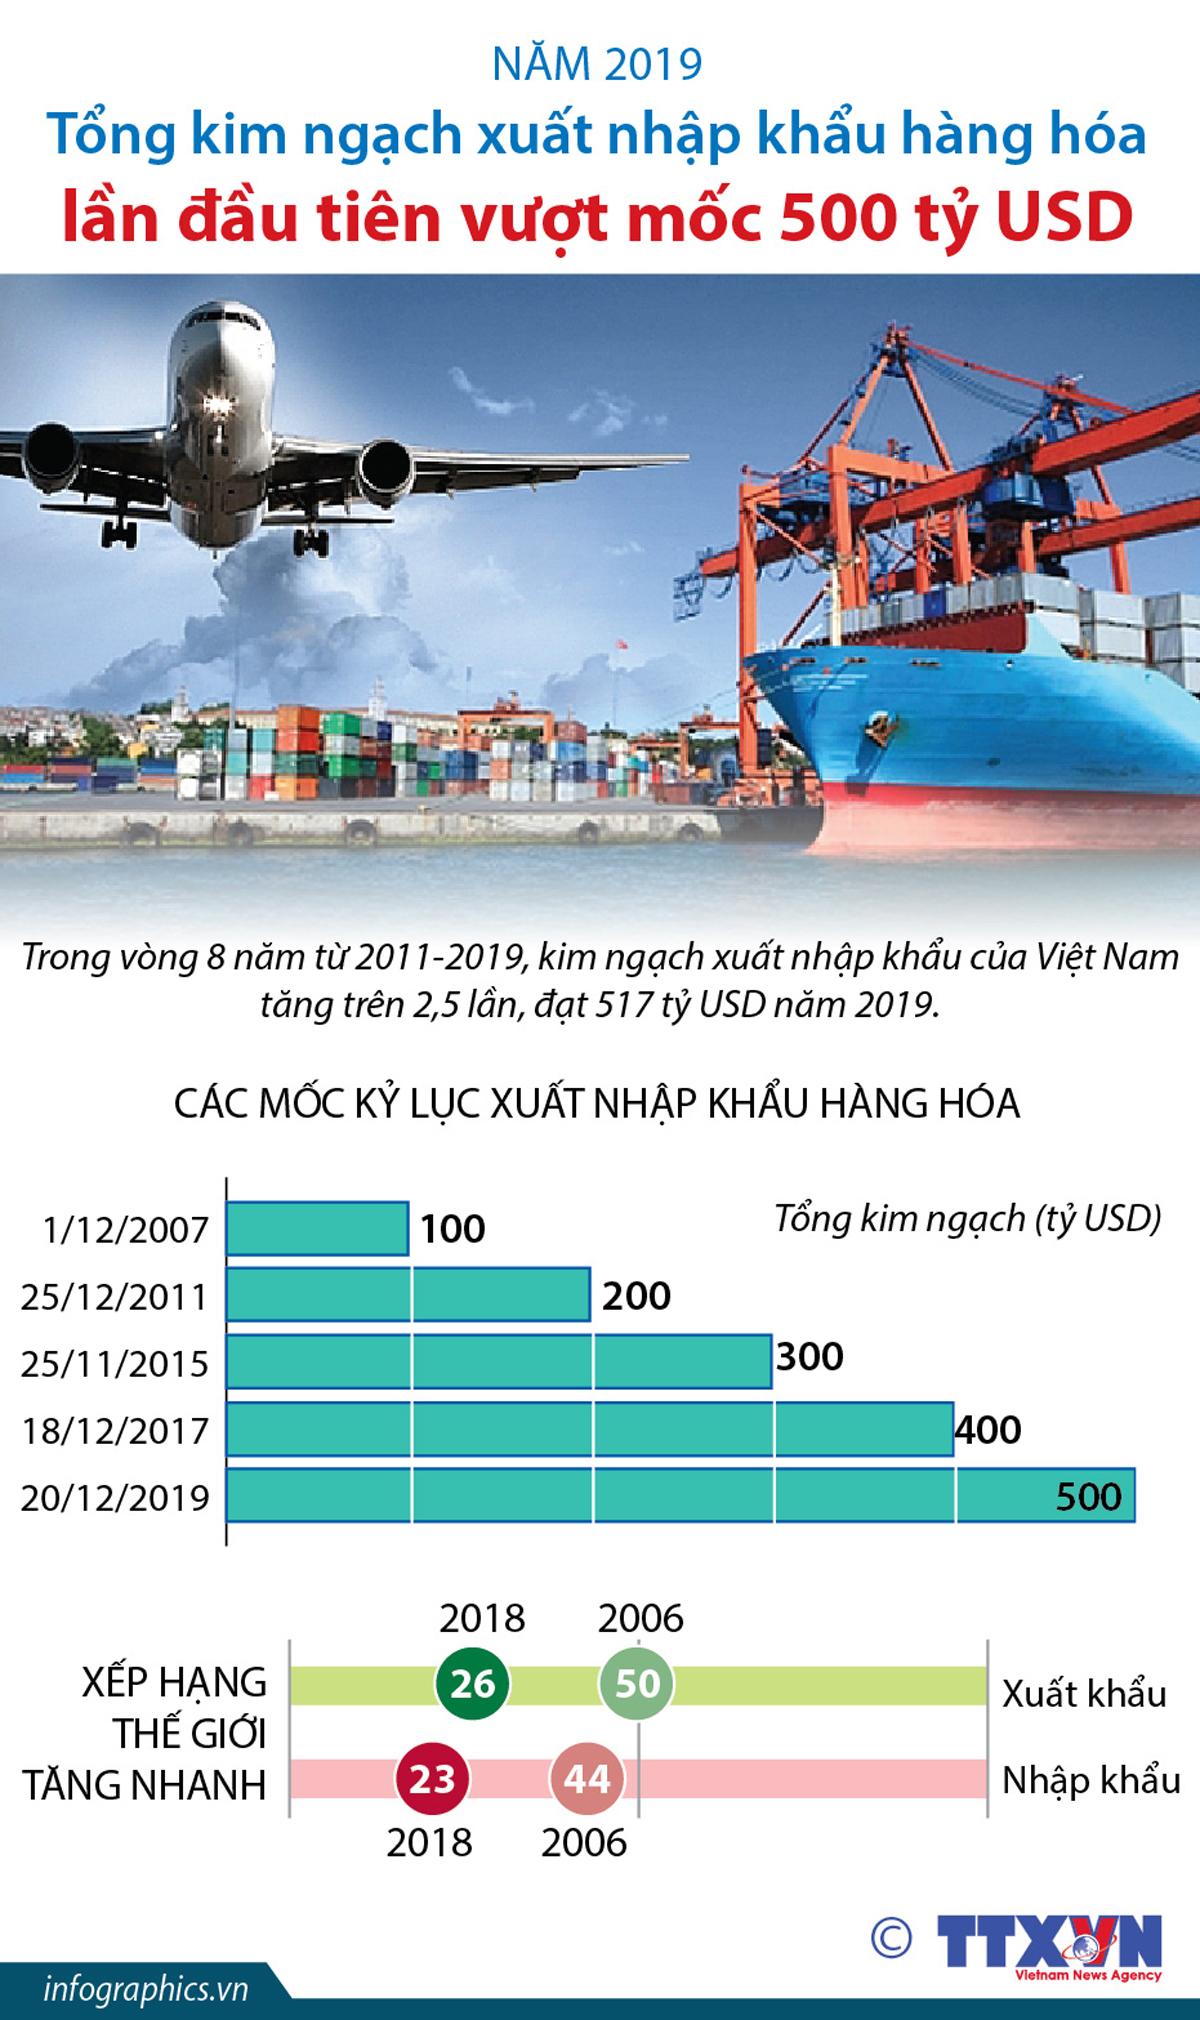 kim ngạch xuất nhập khẩu, hàng hóa, lần đầu tiên, Việt Nam